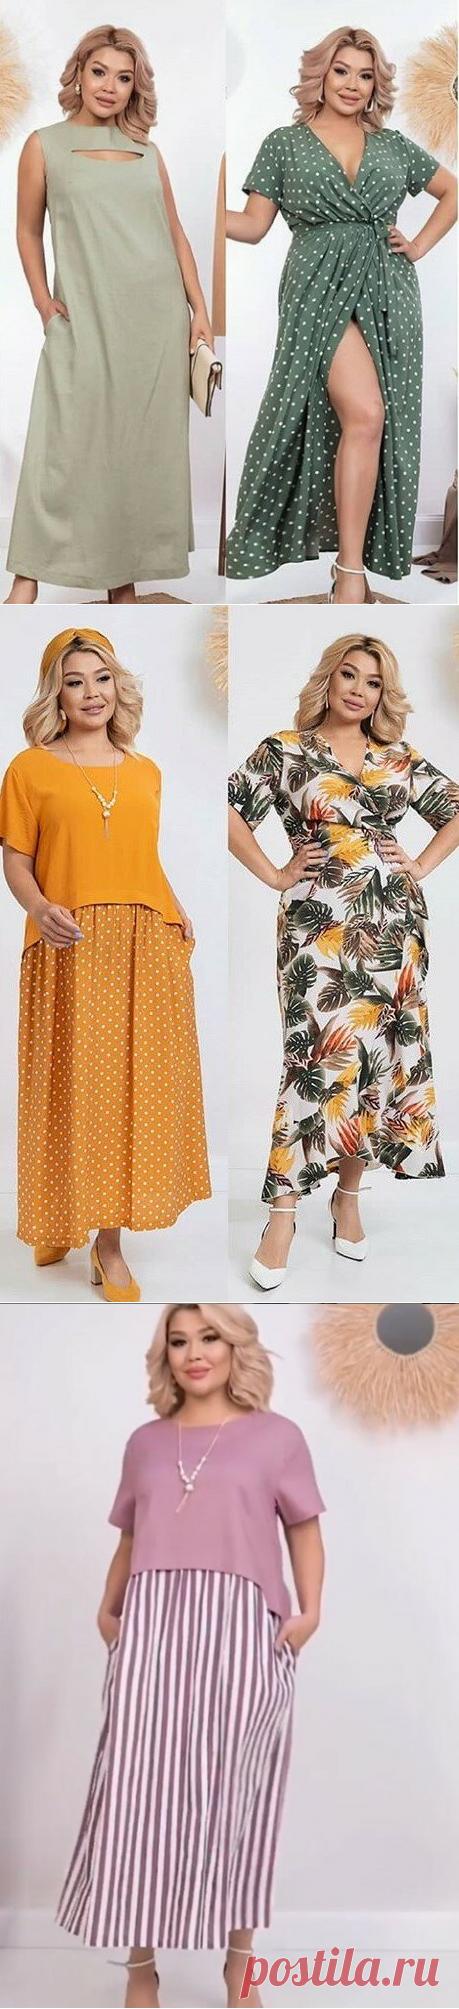 Простые и оригинальные наряды для полной женщины на каждый день. Красиво и элегантно.   SVETLIVE   Яндекс Дзен